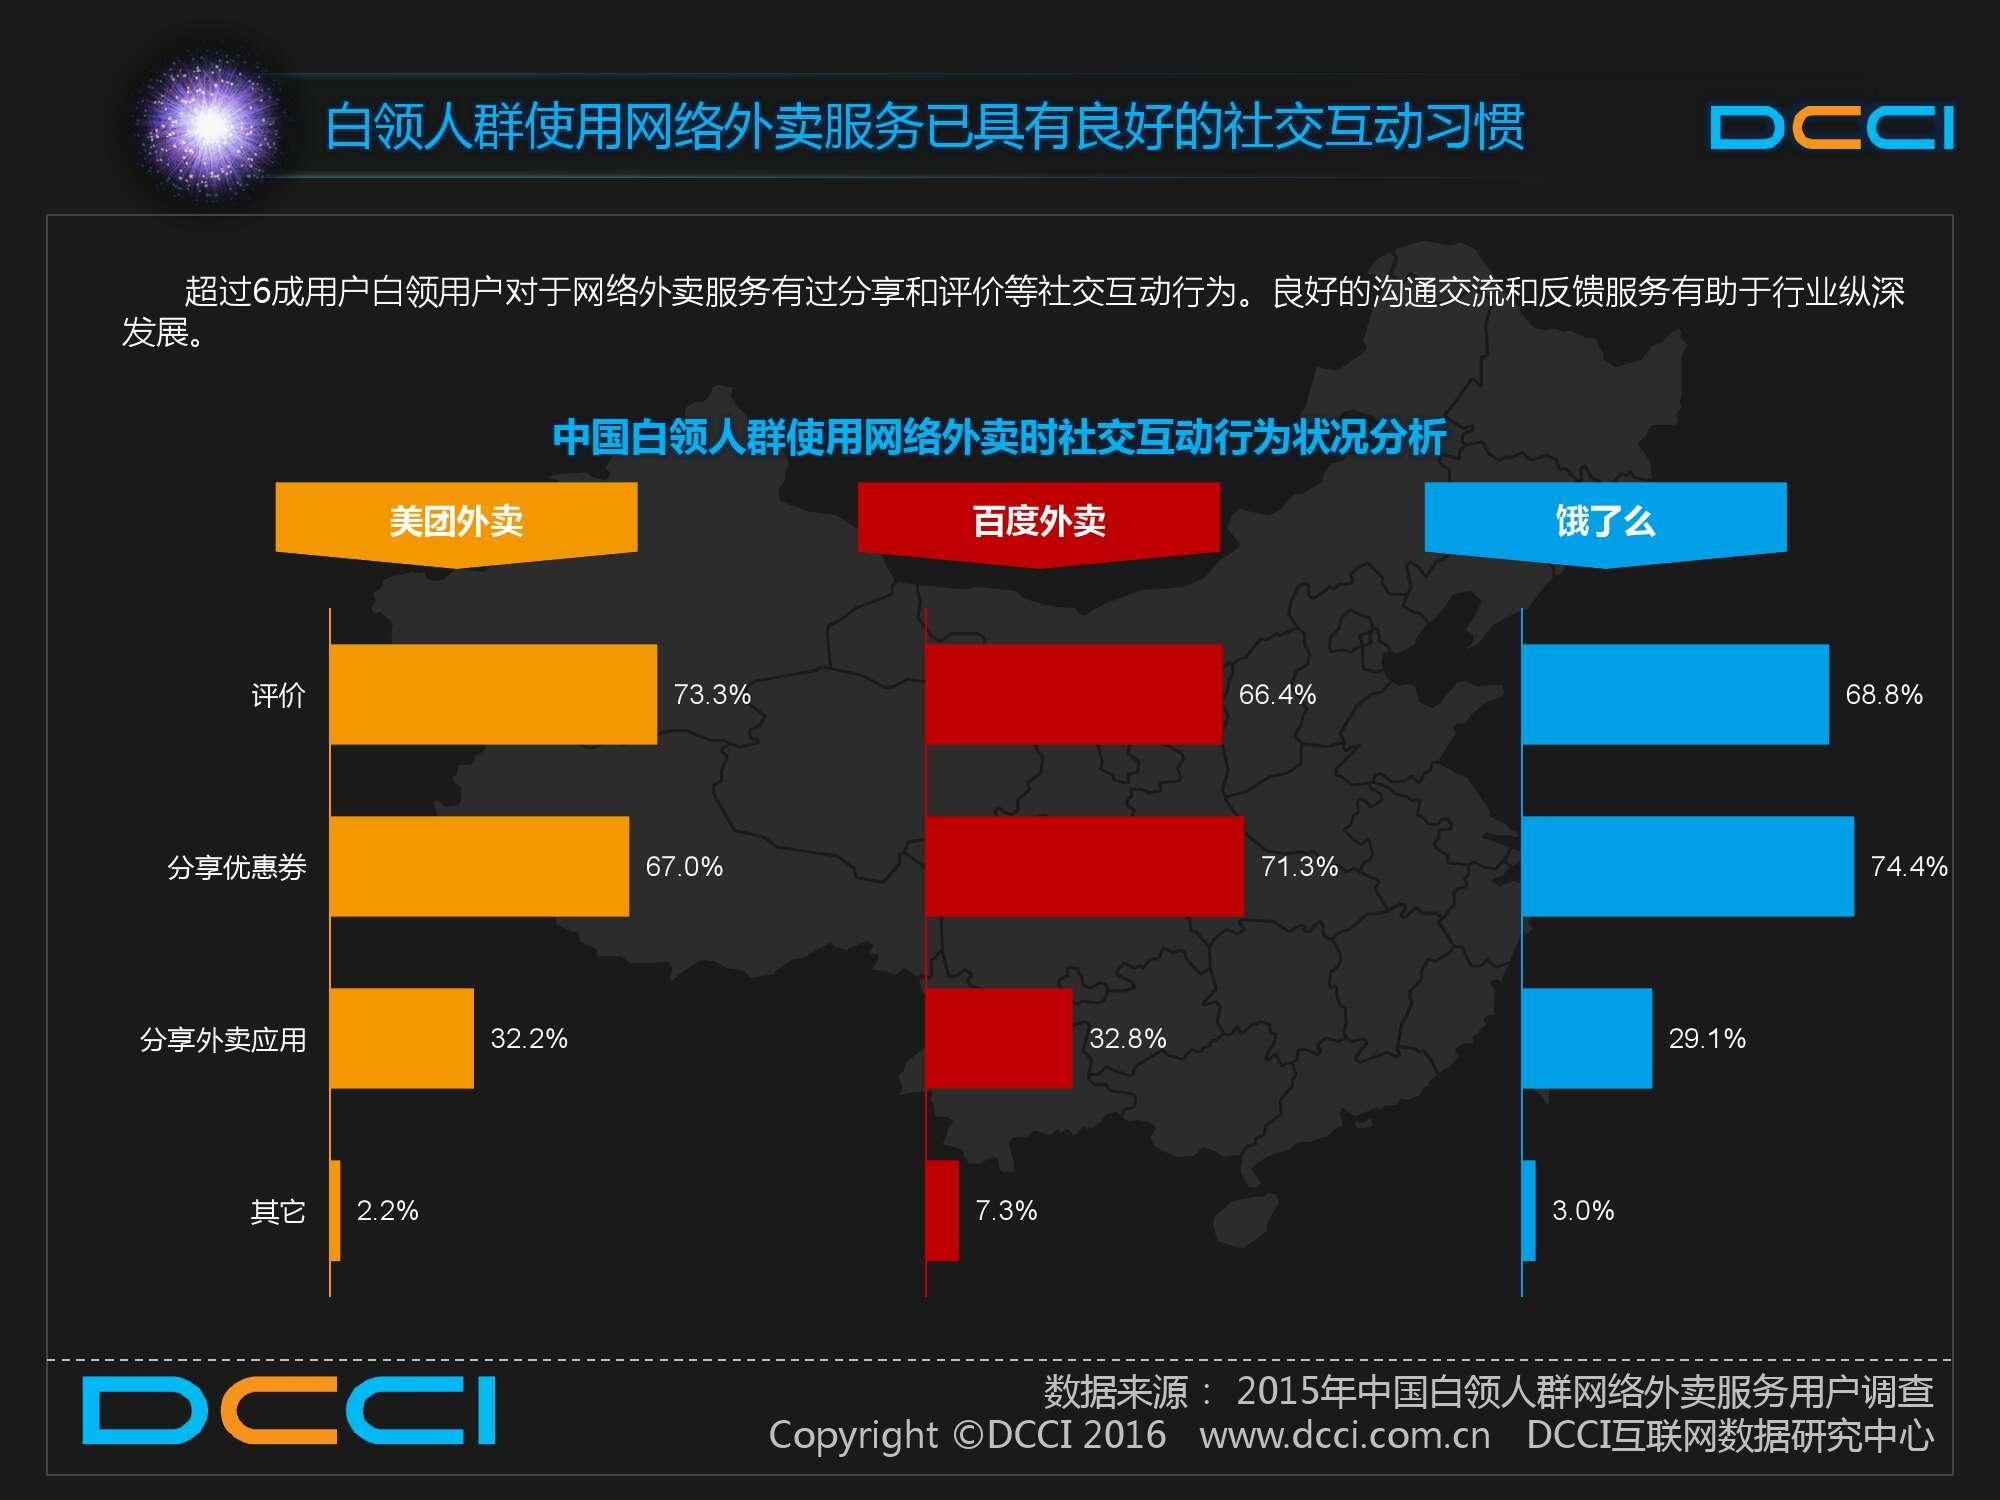 2015中国白领人群网络外卖服务研究报告_000022